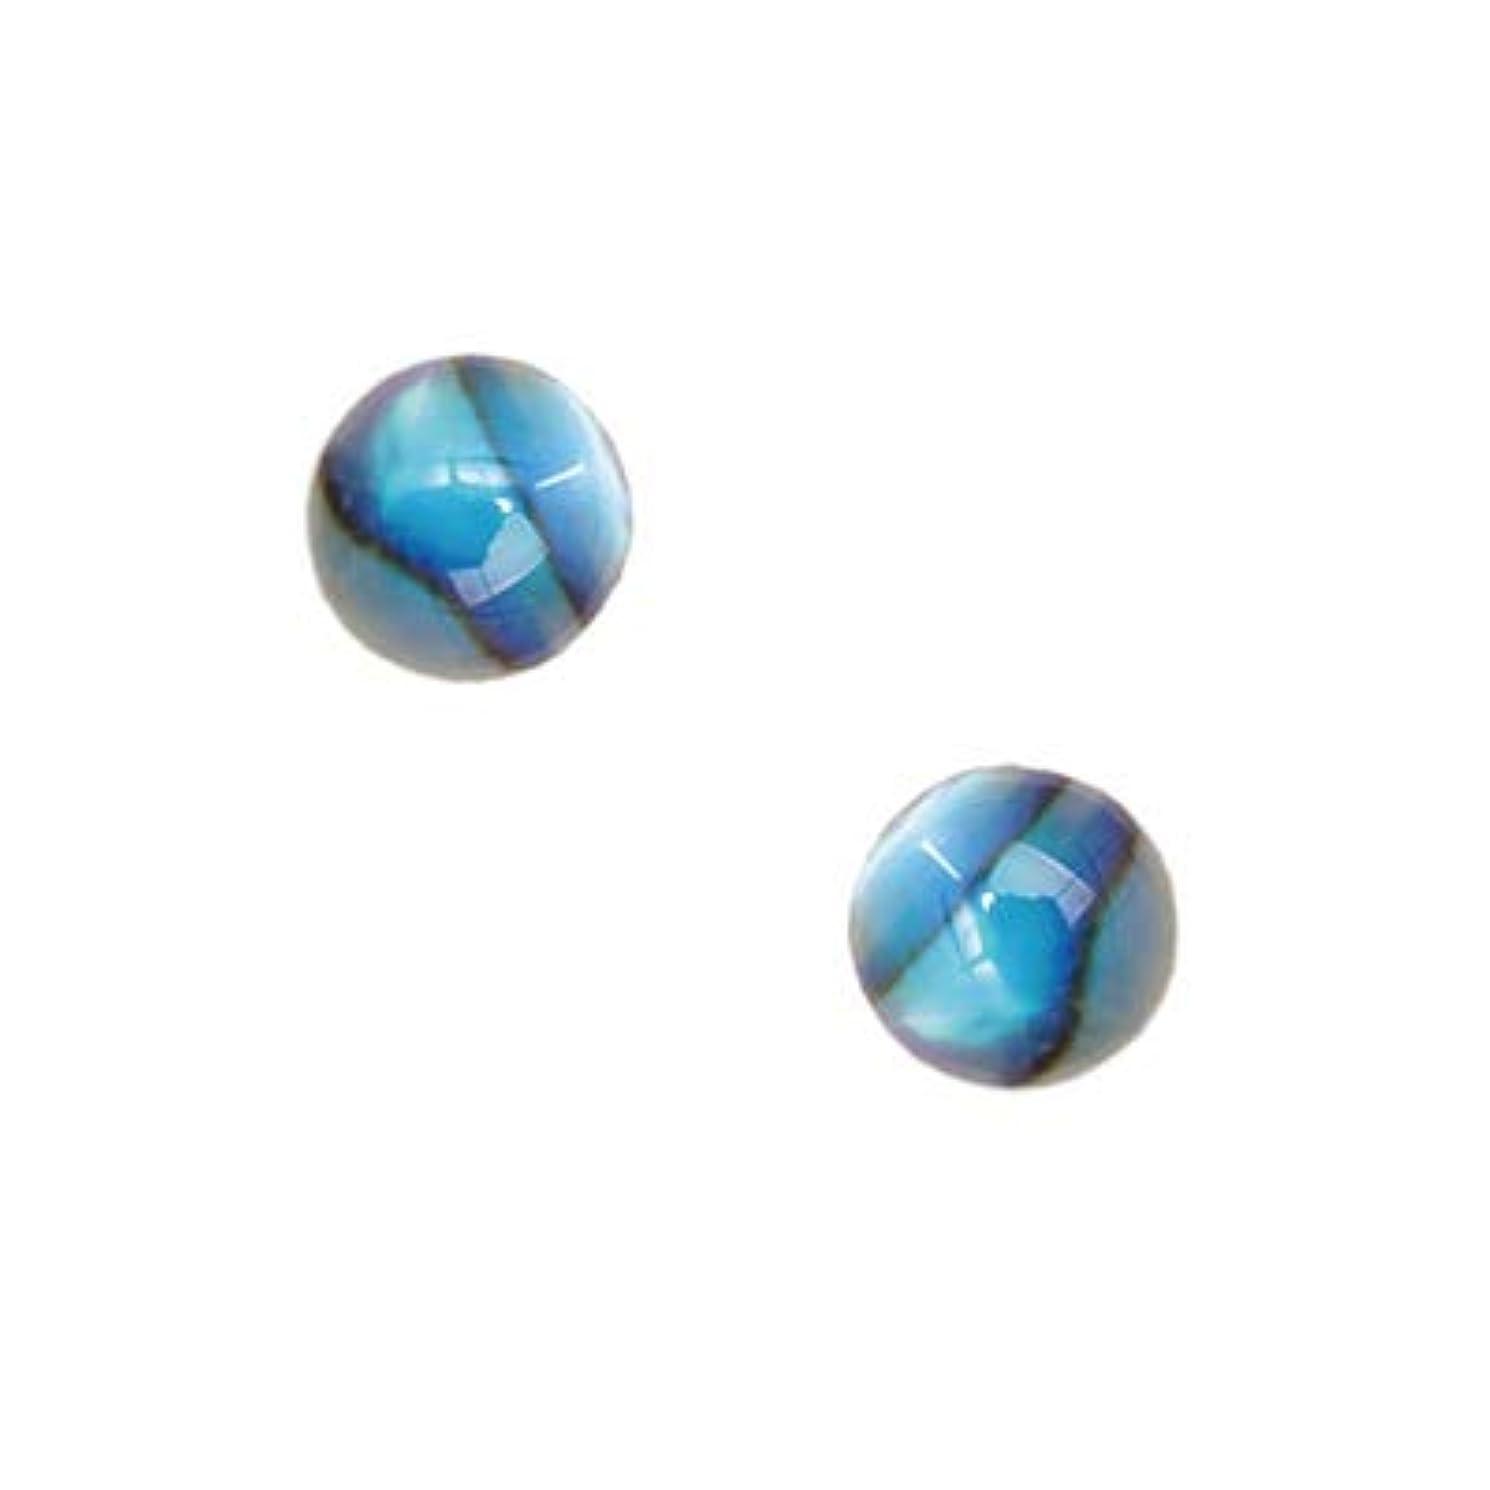 連続した連想ウミウシSHAREYDVA シャレドワ シェルパーツ スモールラウンド ブルー 10P